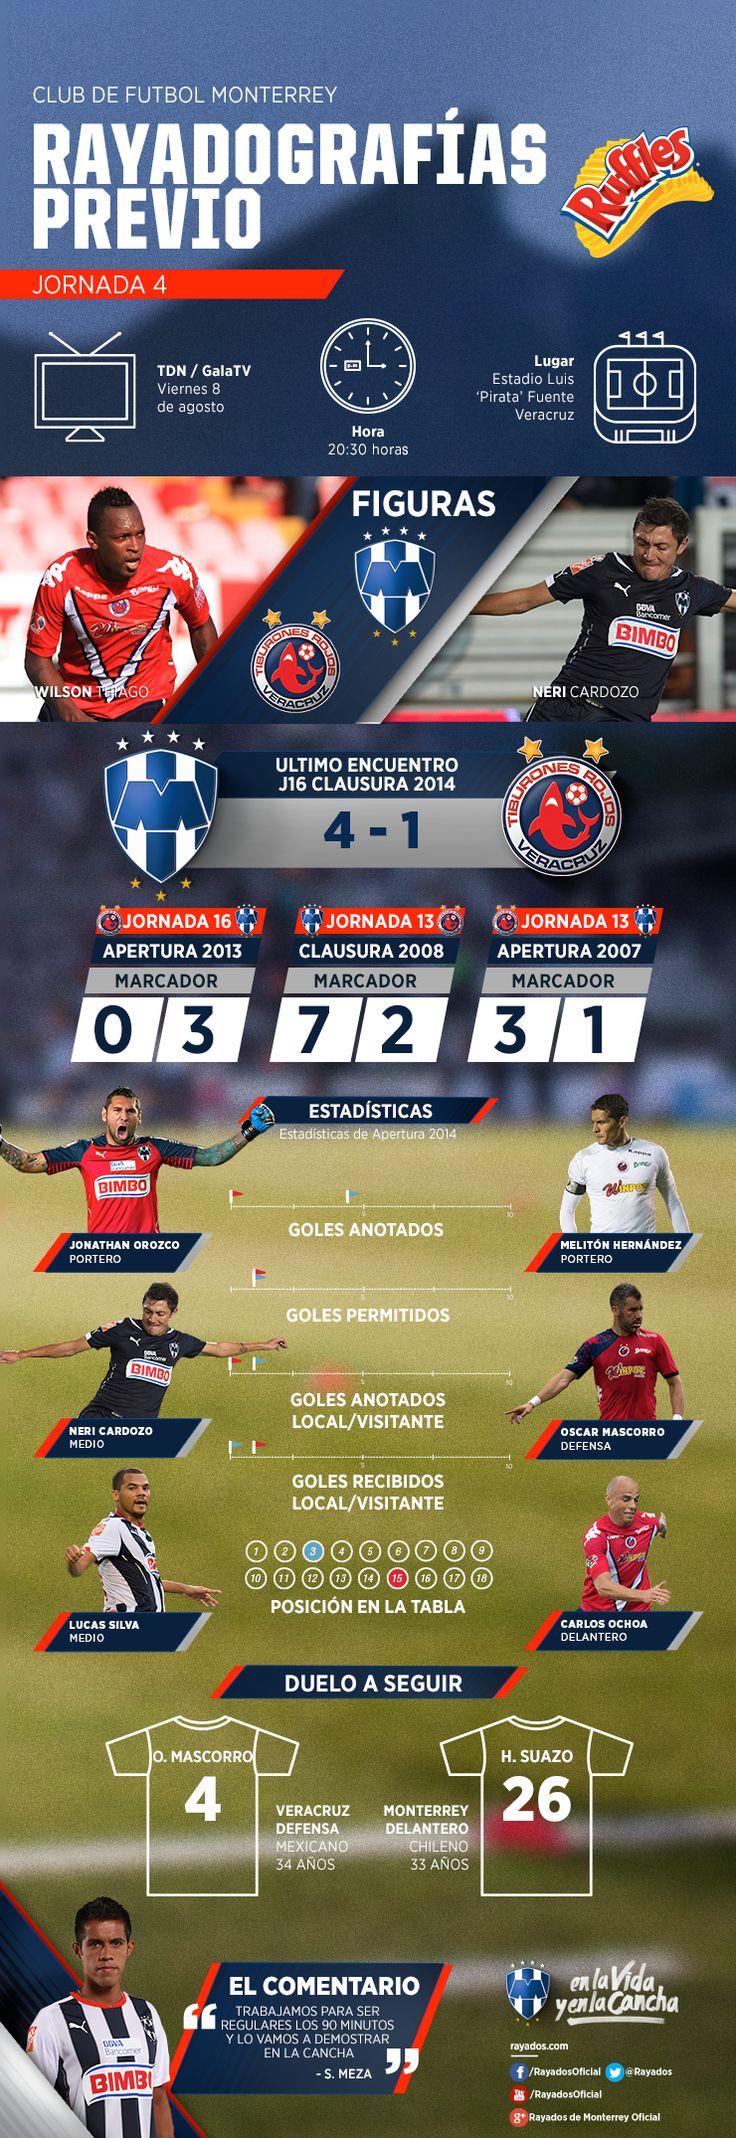 La #Rayadografía previa al partido del Club de Futbol Monterrey vs. Veracruz en la LIGA Bancomer MX es presentada por Ruffles MX. #VamosRayados.